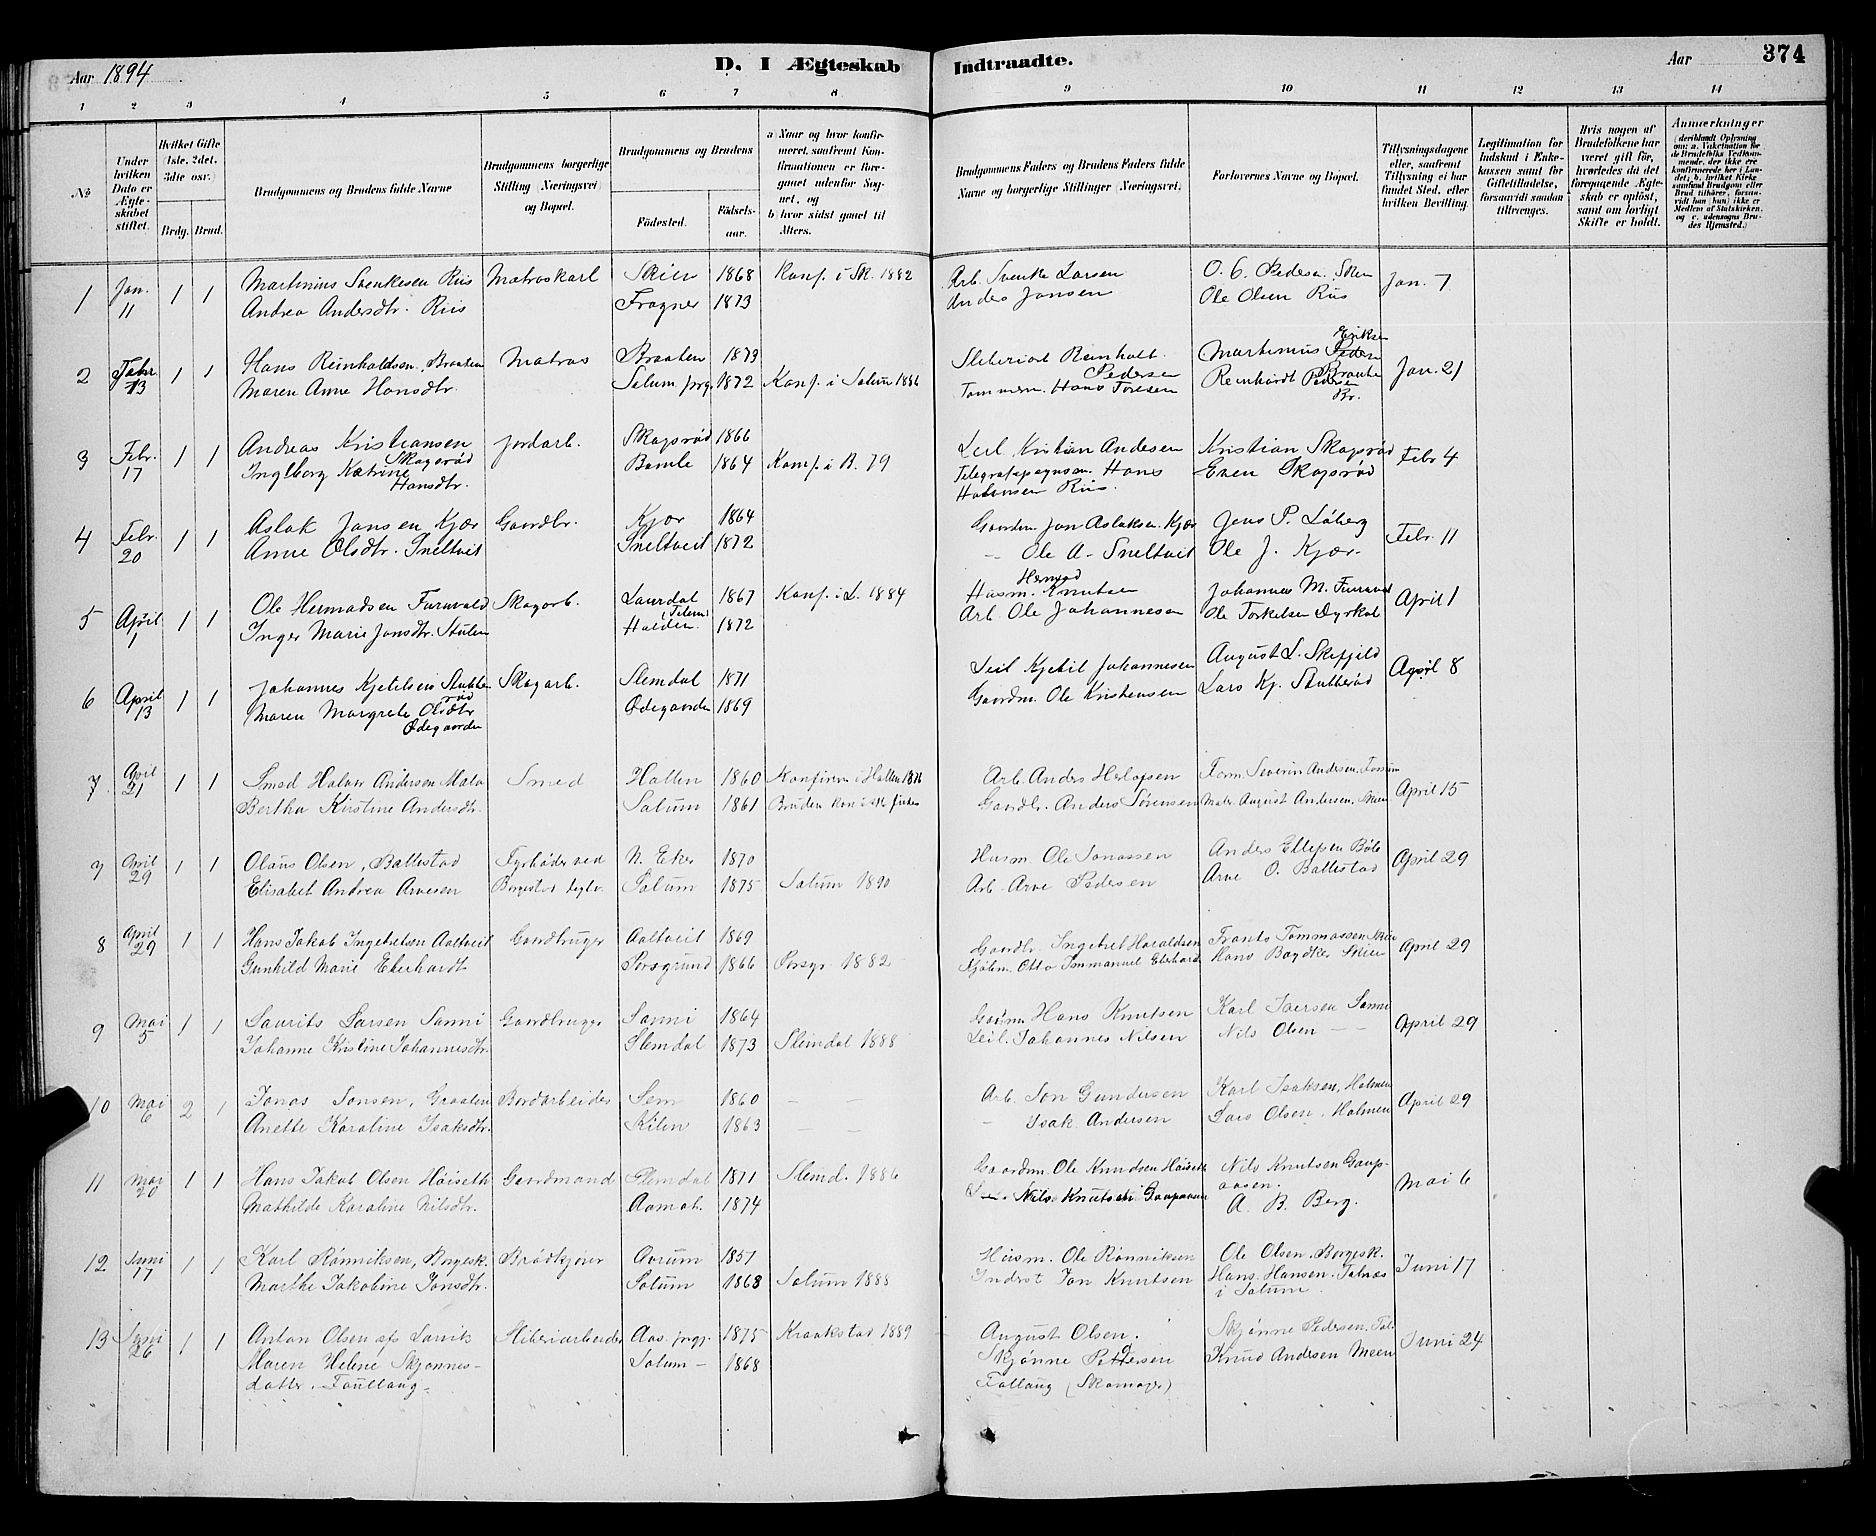 SAKO, Gjerpen kirkebøker, G/Ga/L0002: Klokkerbok nr. I 2, 1883-1900, s. 374